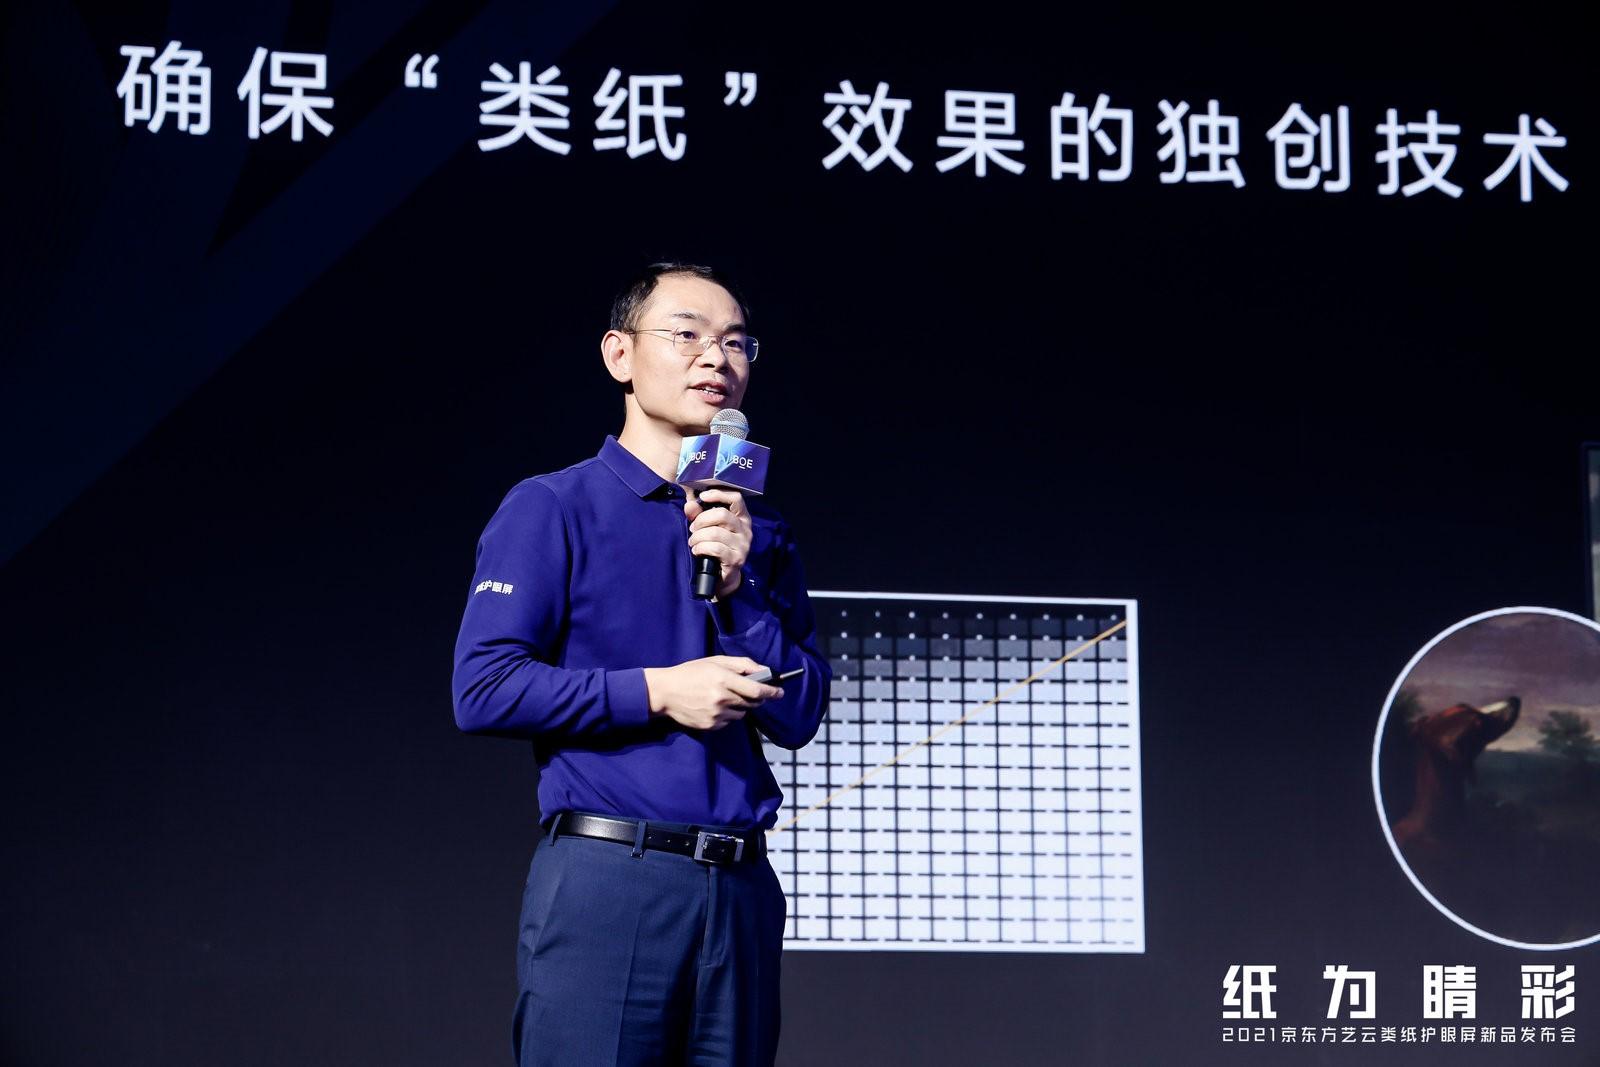 京东方科技集团执行副总裁、京东方艺云董事长姚项军